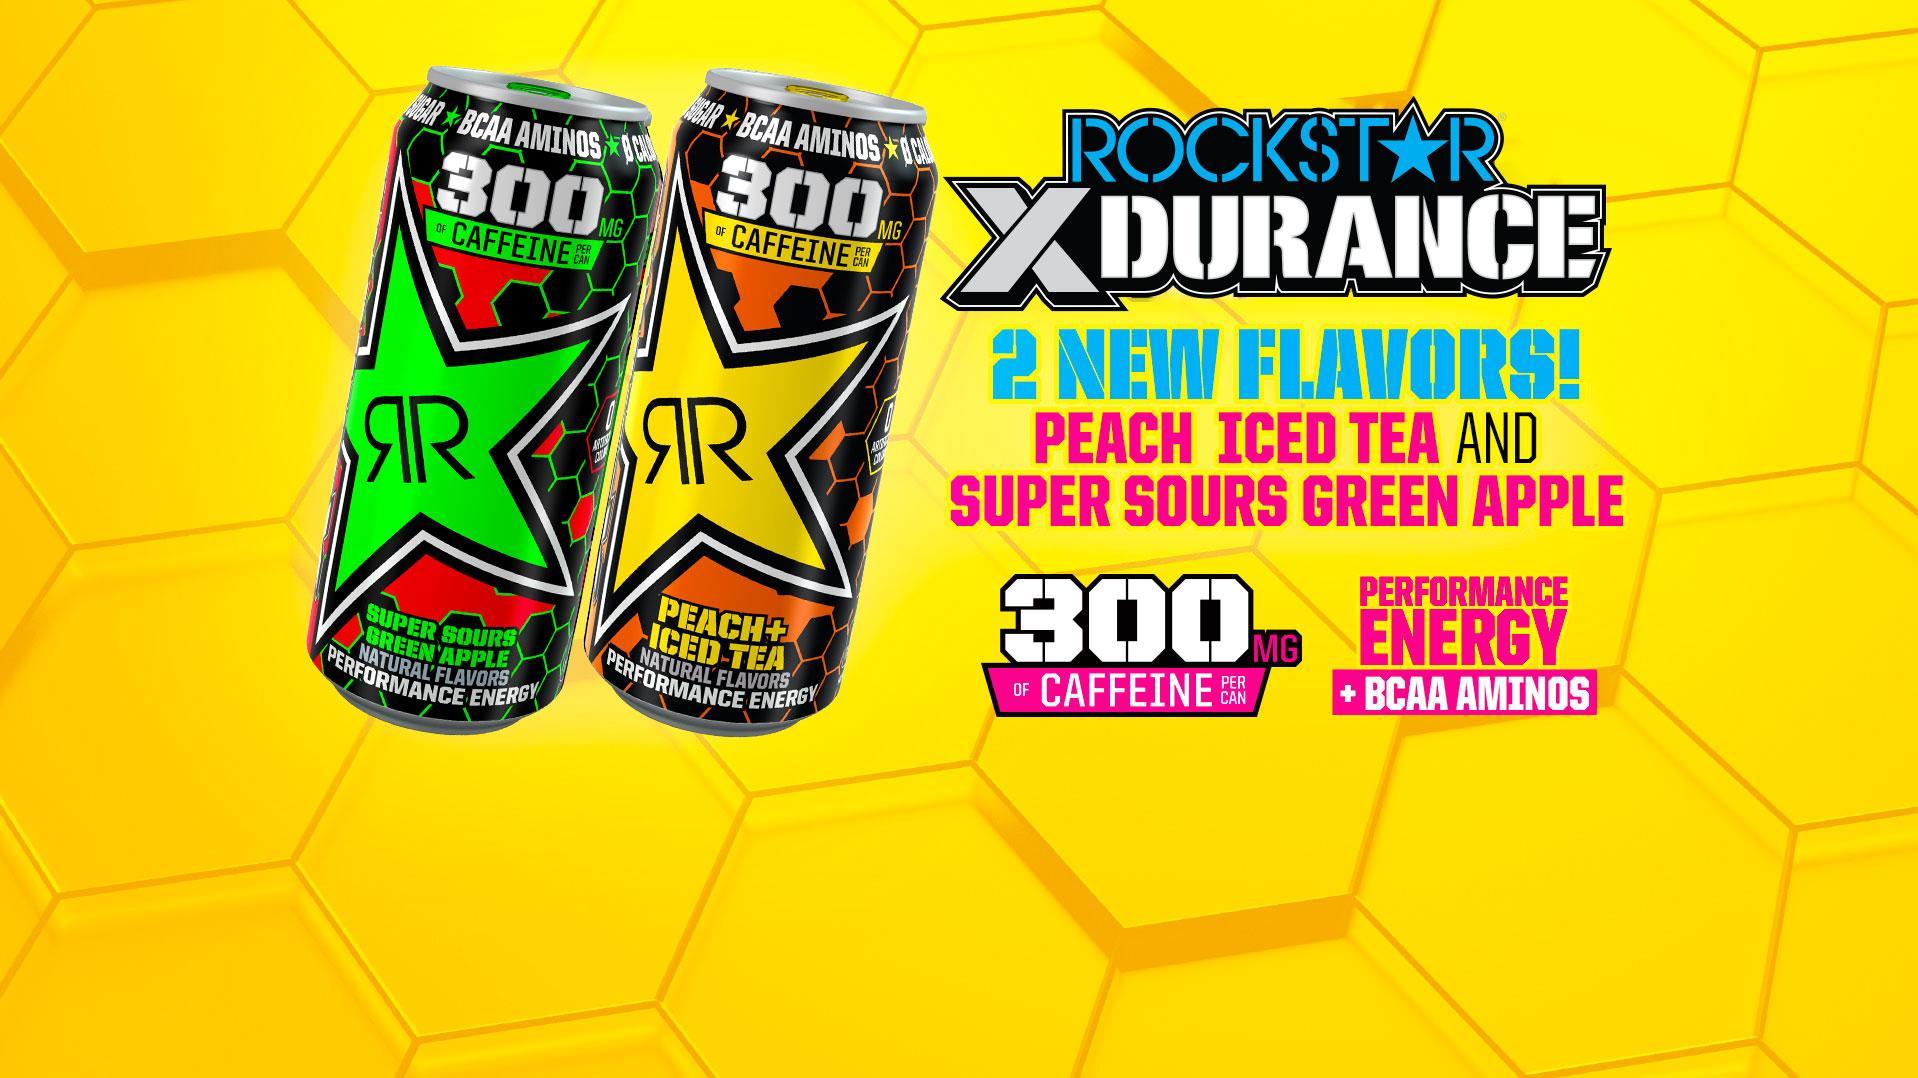 2X NEW Rockstar XDurance Flavors!